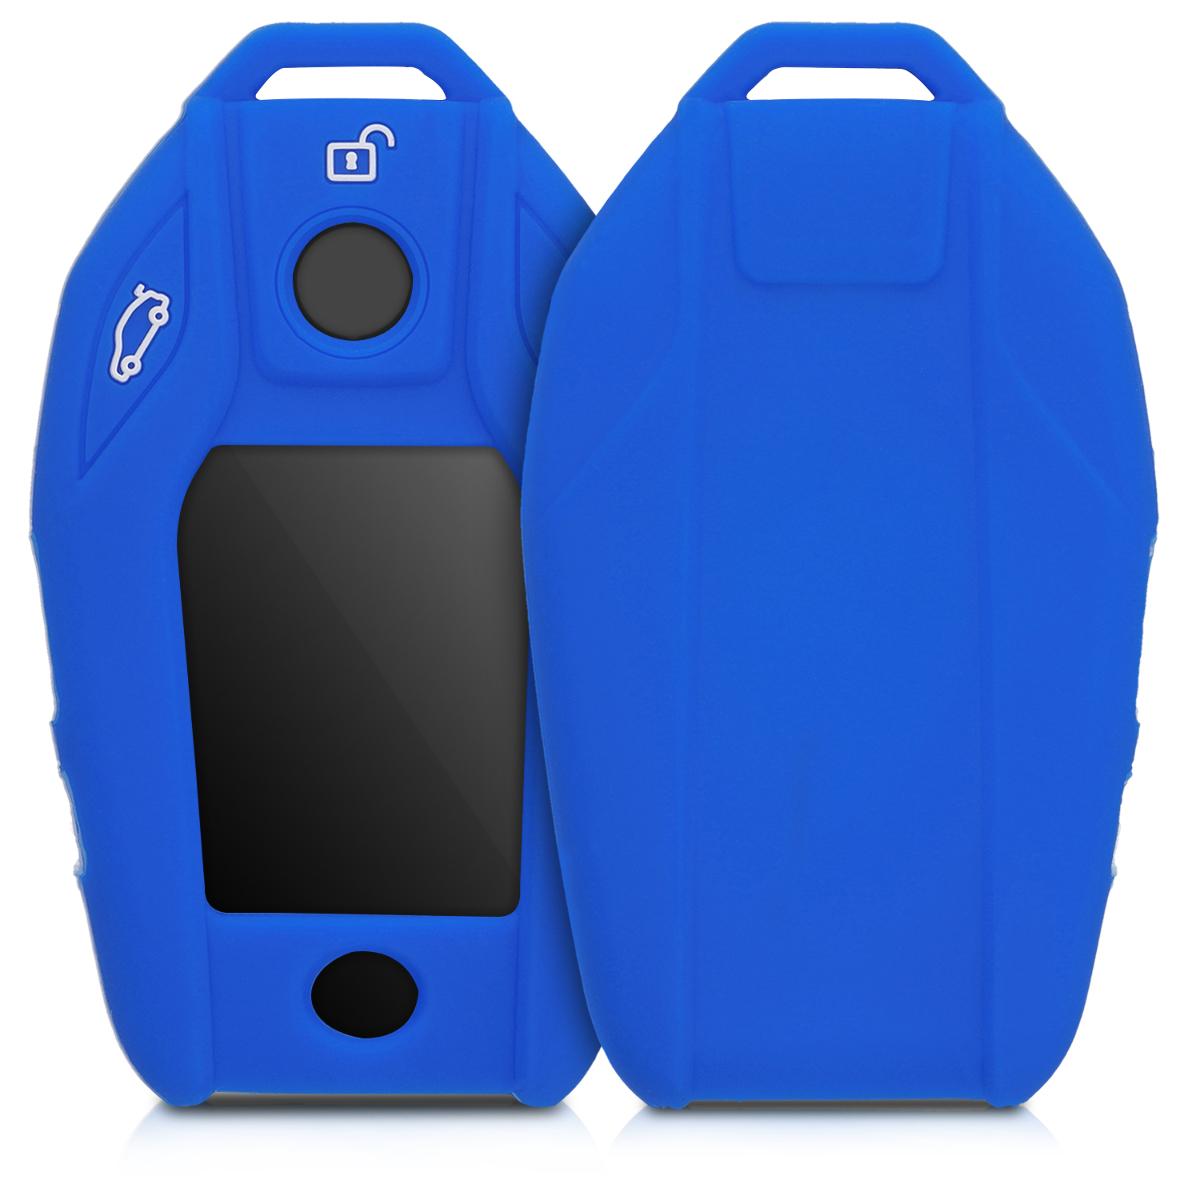 KW Silicone Θήκη Κλειδιού BMW - Blue (45713.04)